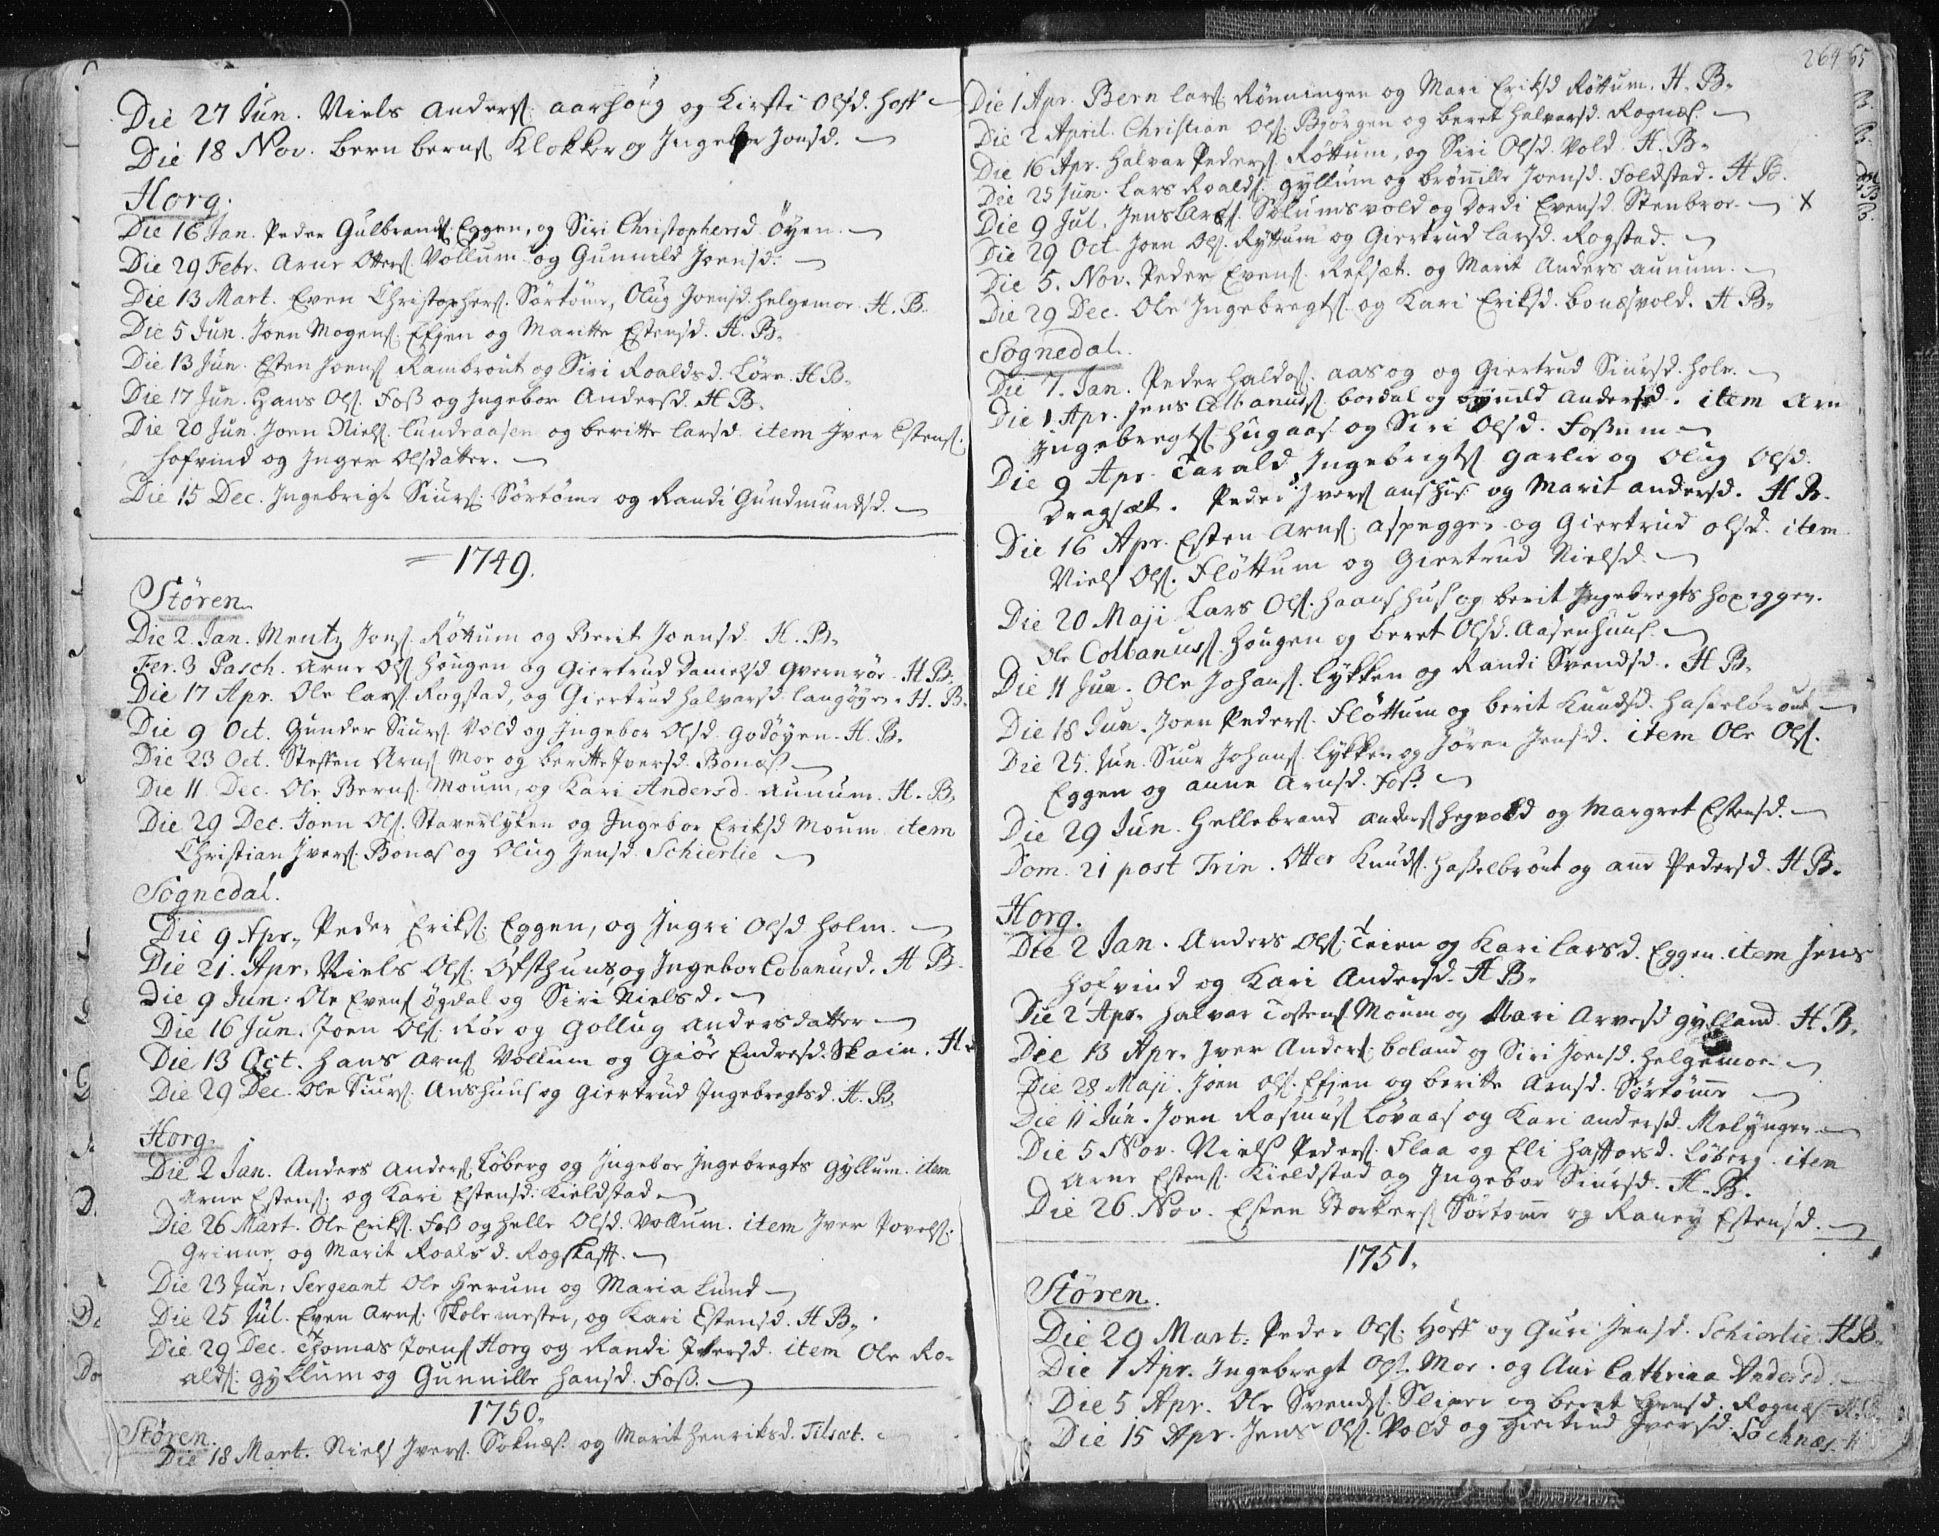 SAT, Ministerialprotokoller, klokkerbøker og fødselsregistre - Sør-Trøndelag, 687/L0991: Ministerialbok nr. 687A02, 1747-1790, s. 264